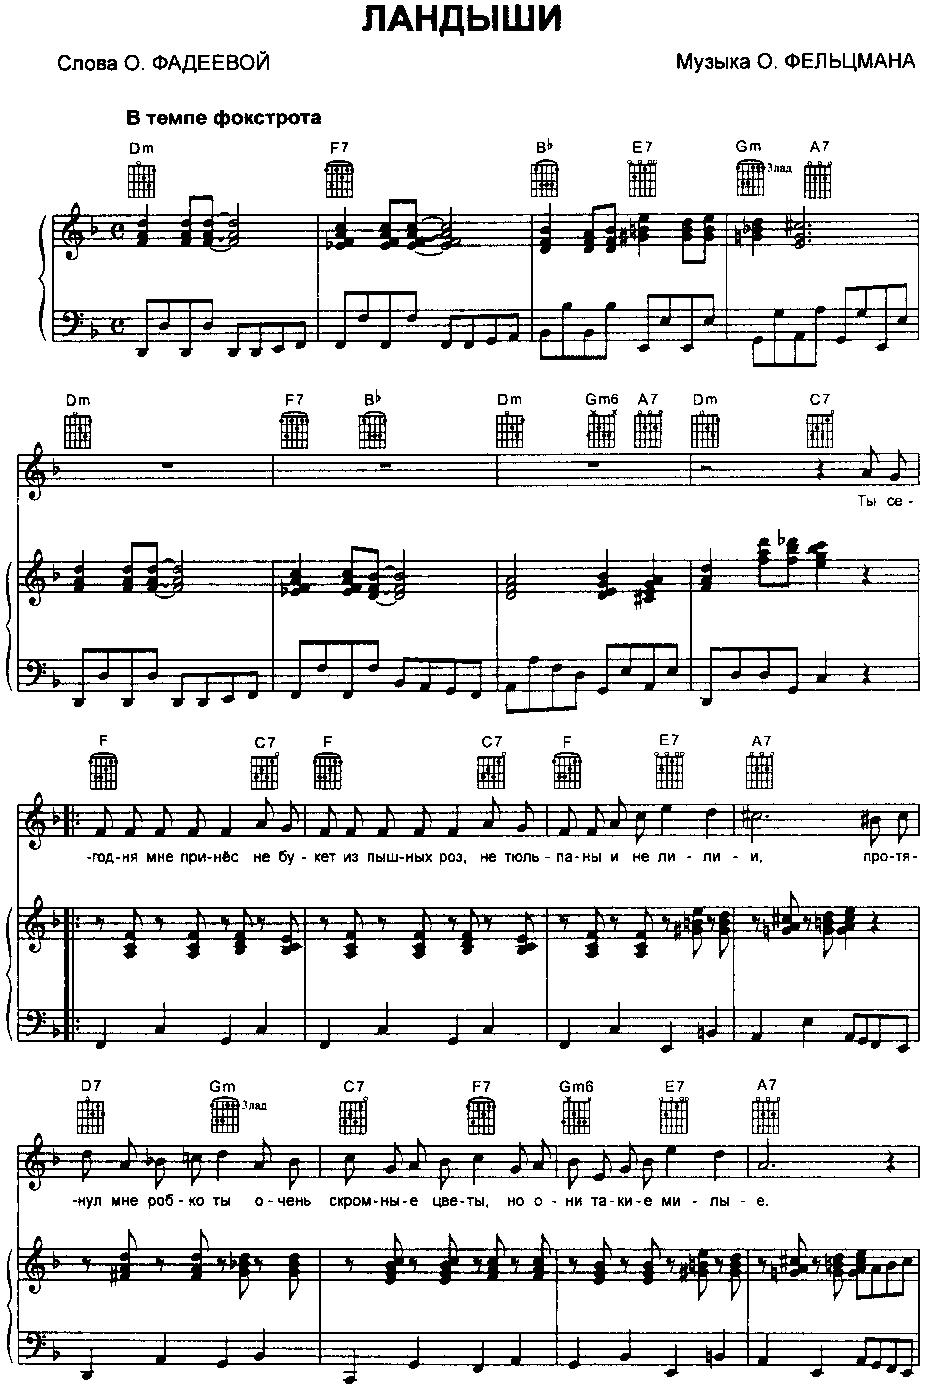 ПЕСНЯ ПРО ЛАНДЫШИ ВПЕЧАТЛТЕЛЬНЫМ ДАМАМ ПРСЬБА НЕ СЛУШАТЬ СКАЧАТЬ БЕСПЛАТНО